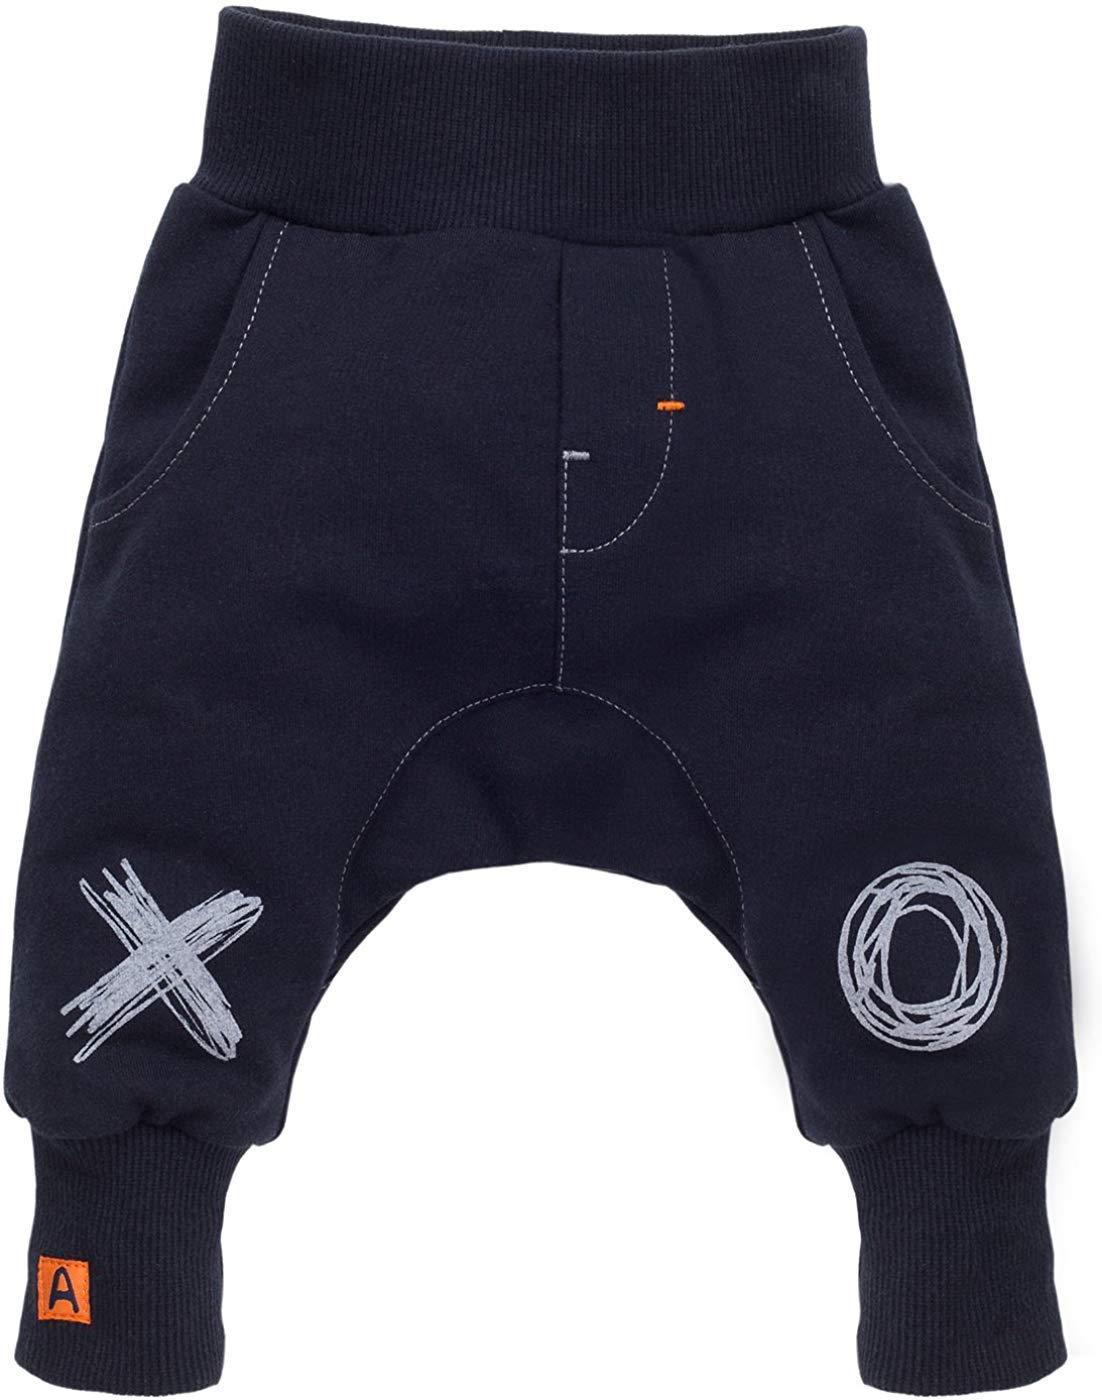 Pinokio - Xavier - Pantalones de bebé 100% algodón Azul Oscuro y Negro Pantalones de chándal Pantalones Harem… 1